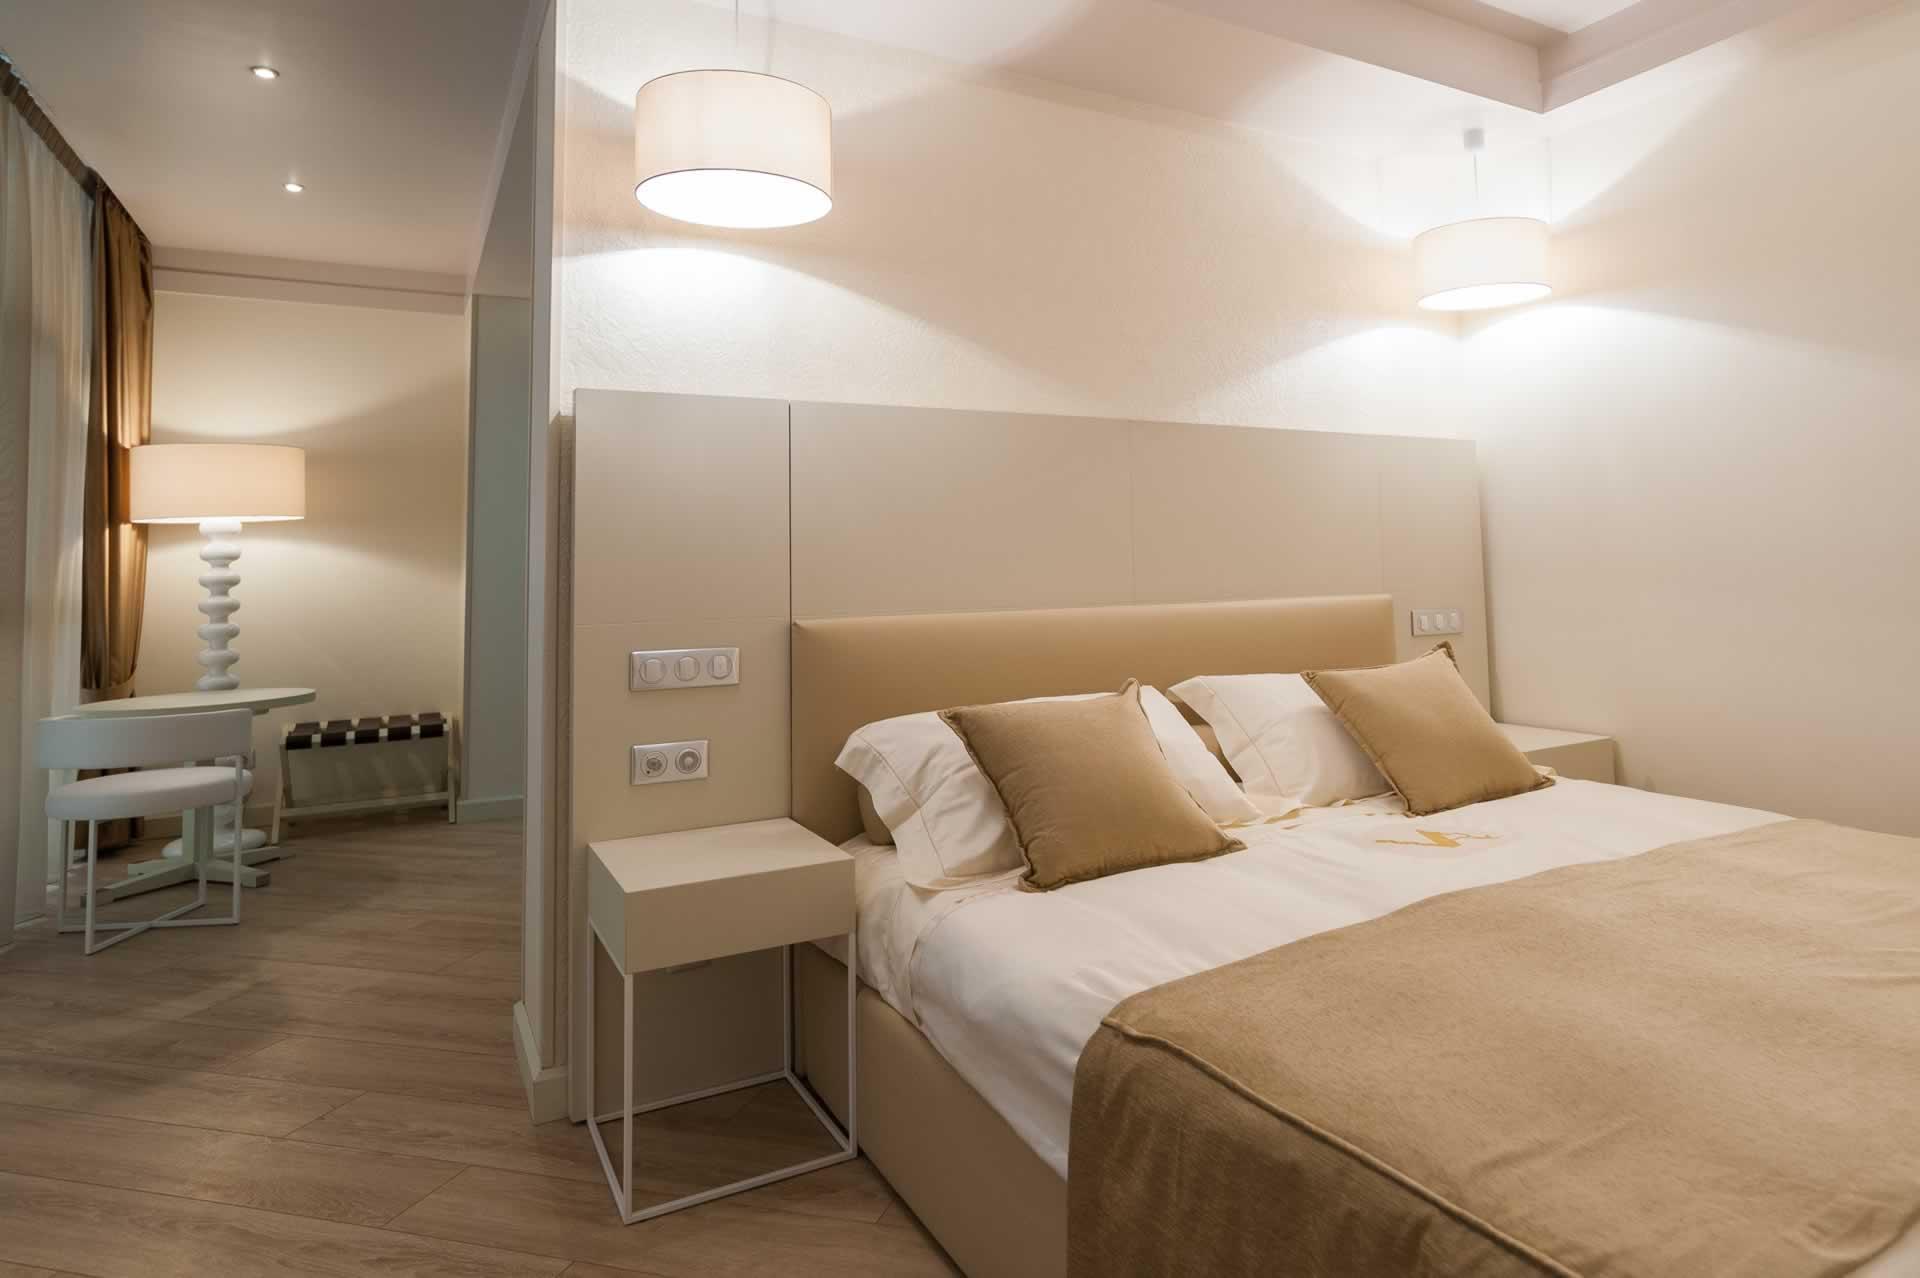 Standard room in Adriano Villa **** (Sochi)